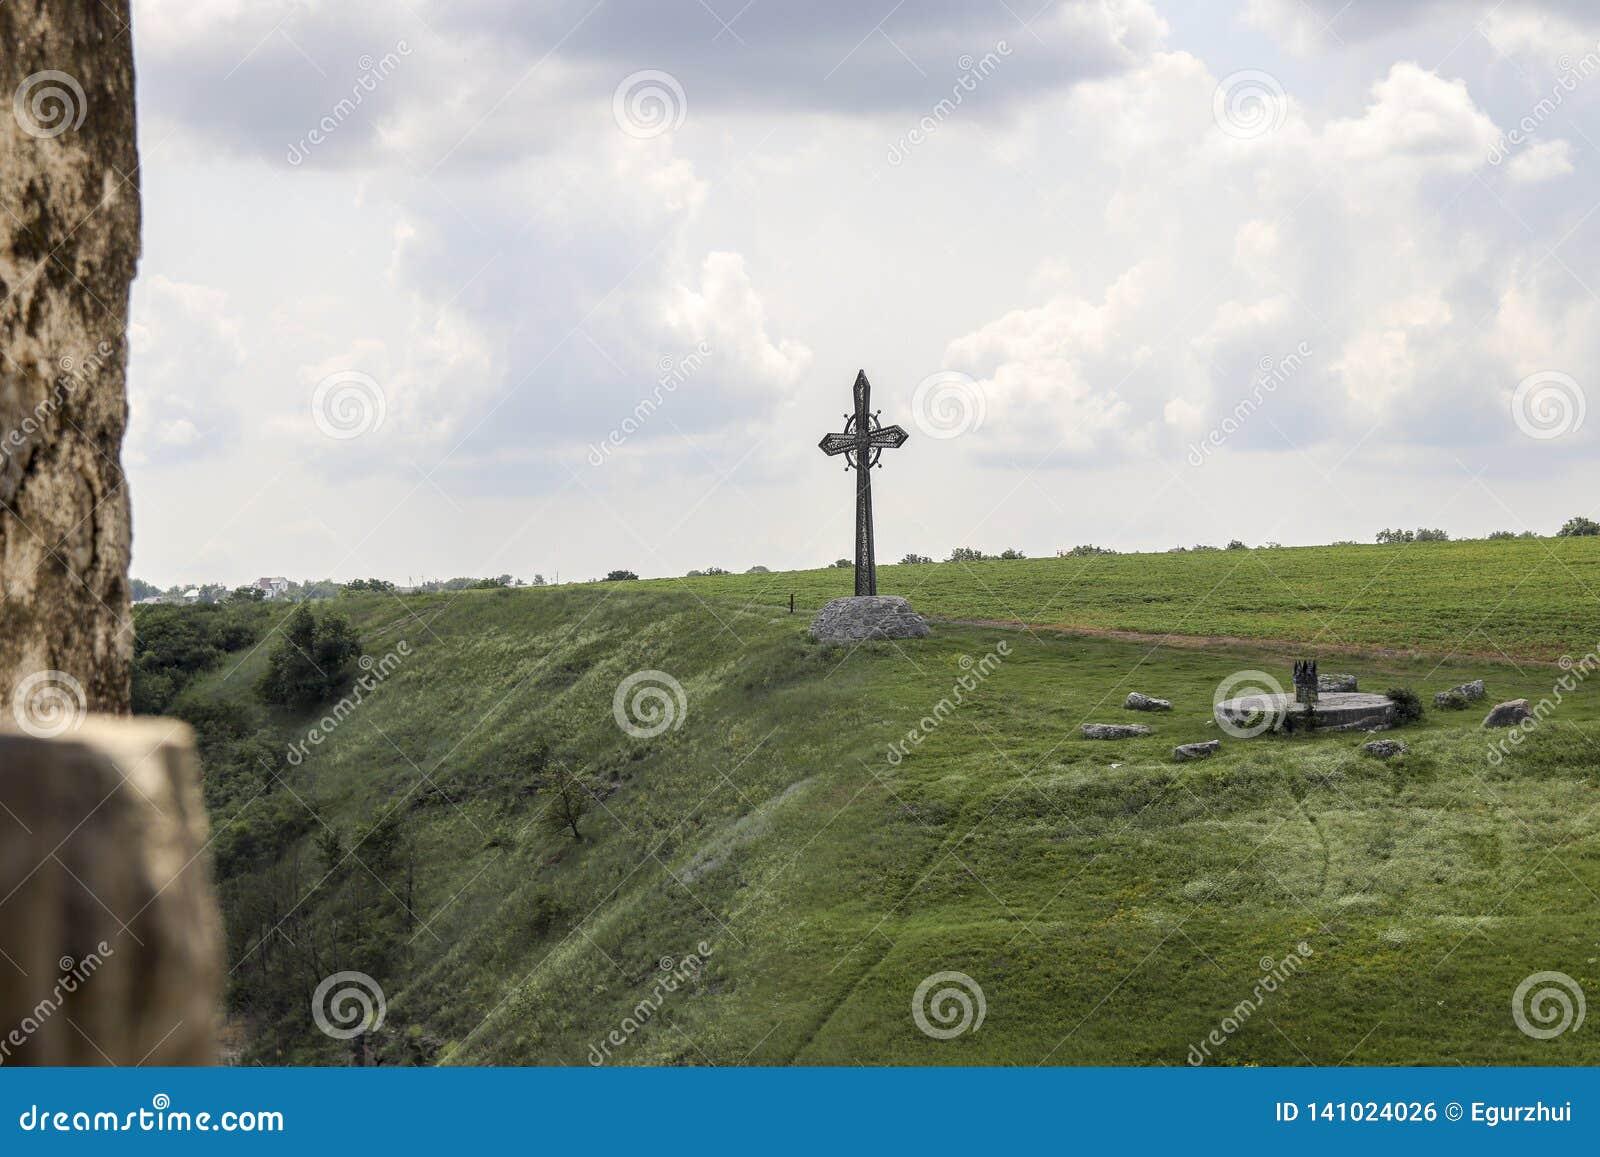 Christian cross on hillside.